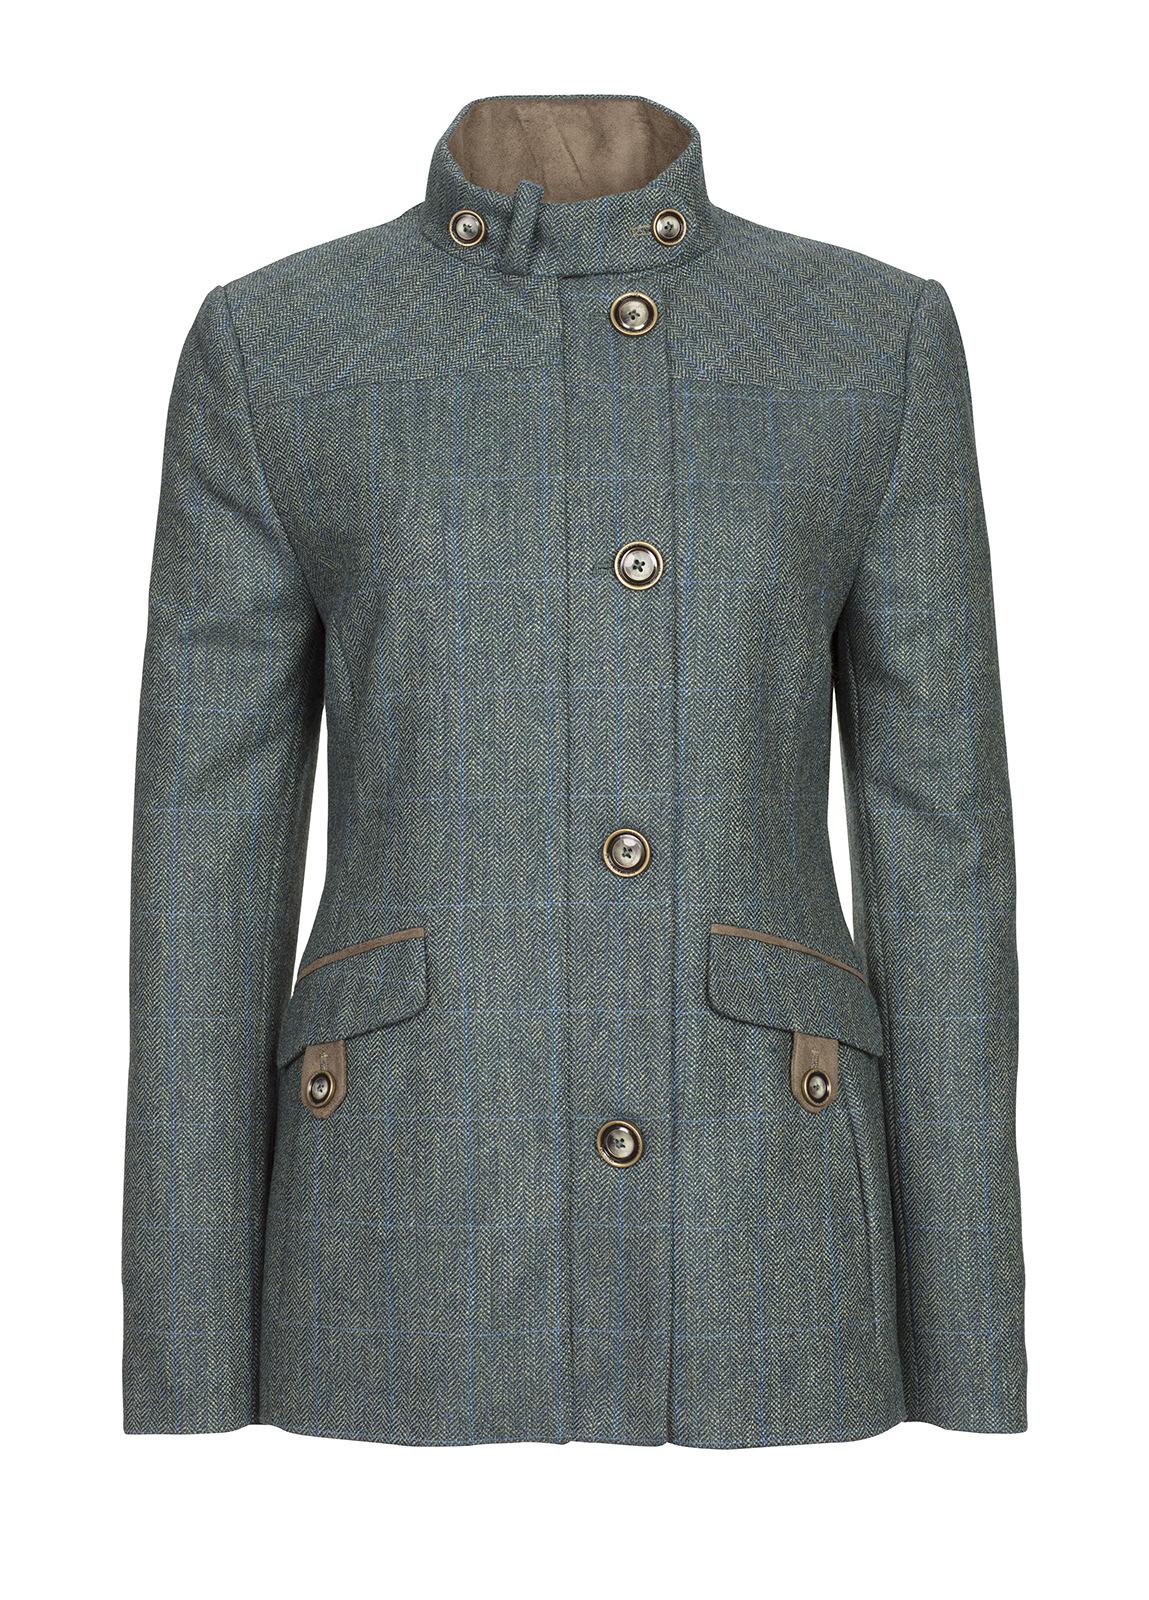 Dubarry_ Heatherbell Tweed Jacket - Mist_Image_2